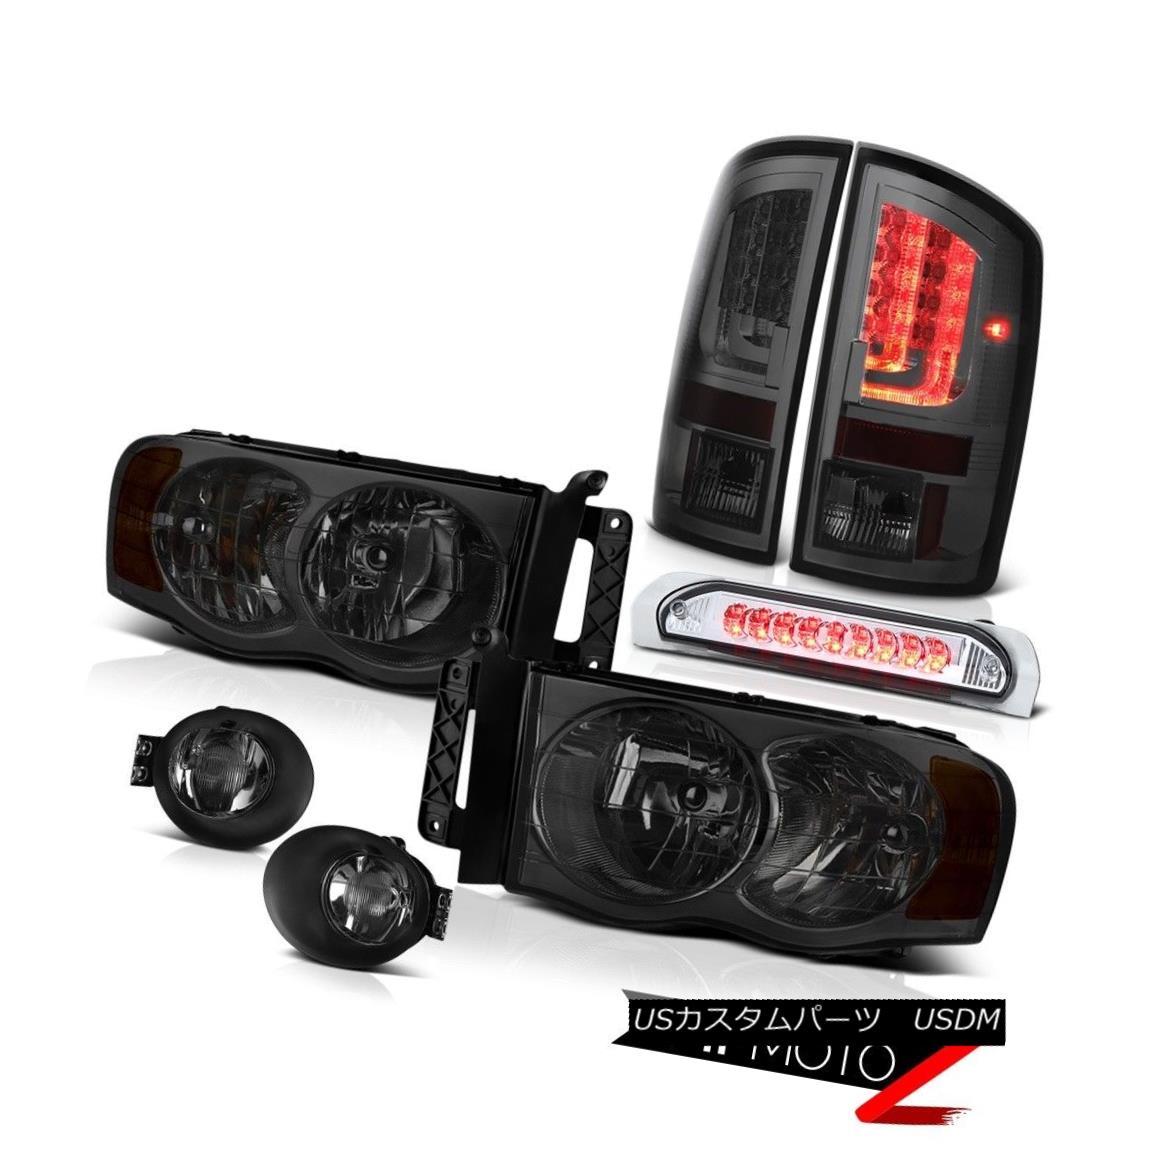 テールライト 02-05 Ram 1500 2500 3500 5.7L Tail Lights Foglights Headlamps Roof Cargo Lamp 02-05 Ram 1500 2500 3500 5.7Lテールライトフォグライトヘッドランプ屋根貨物ランプ